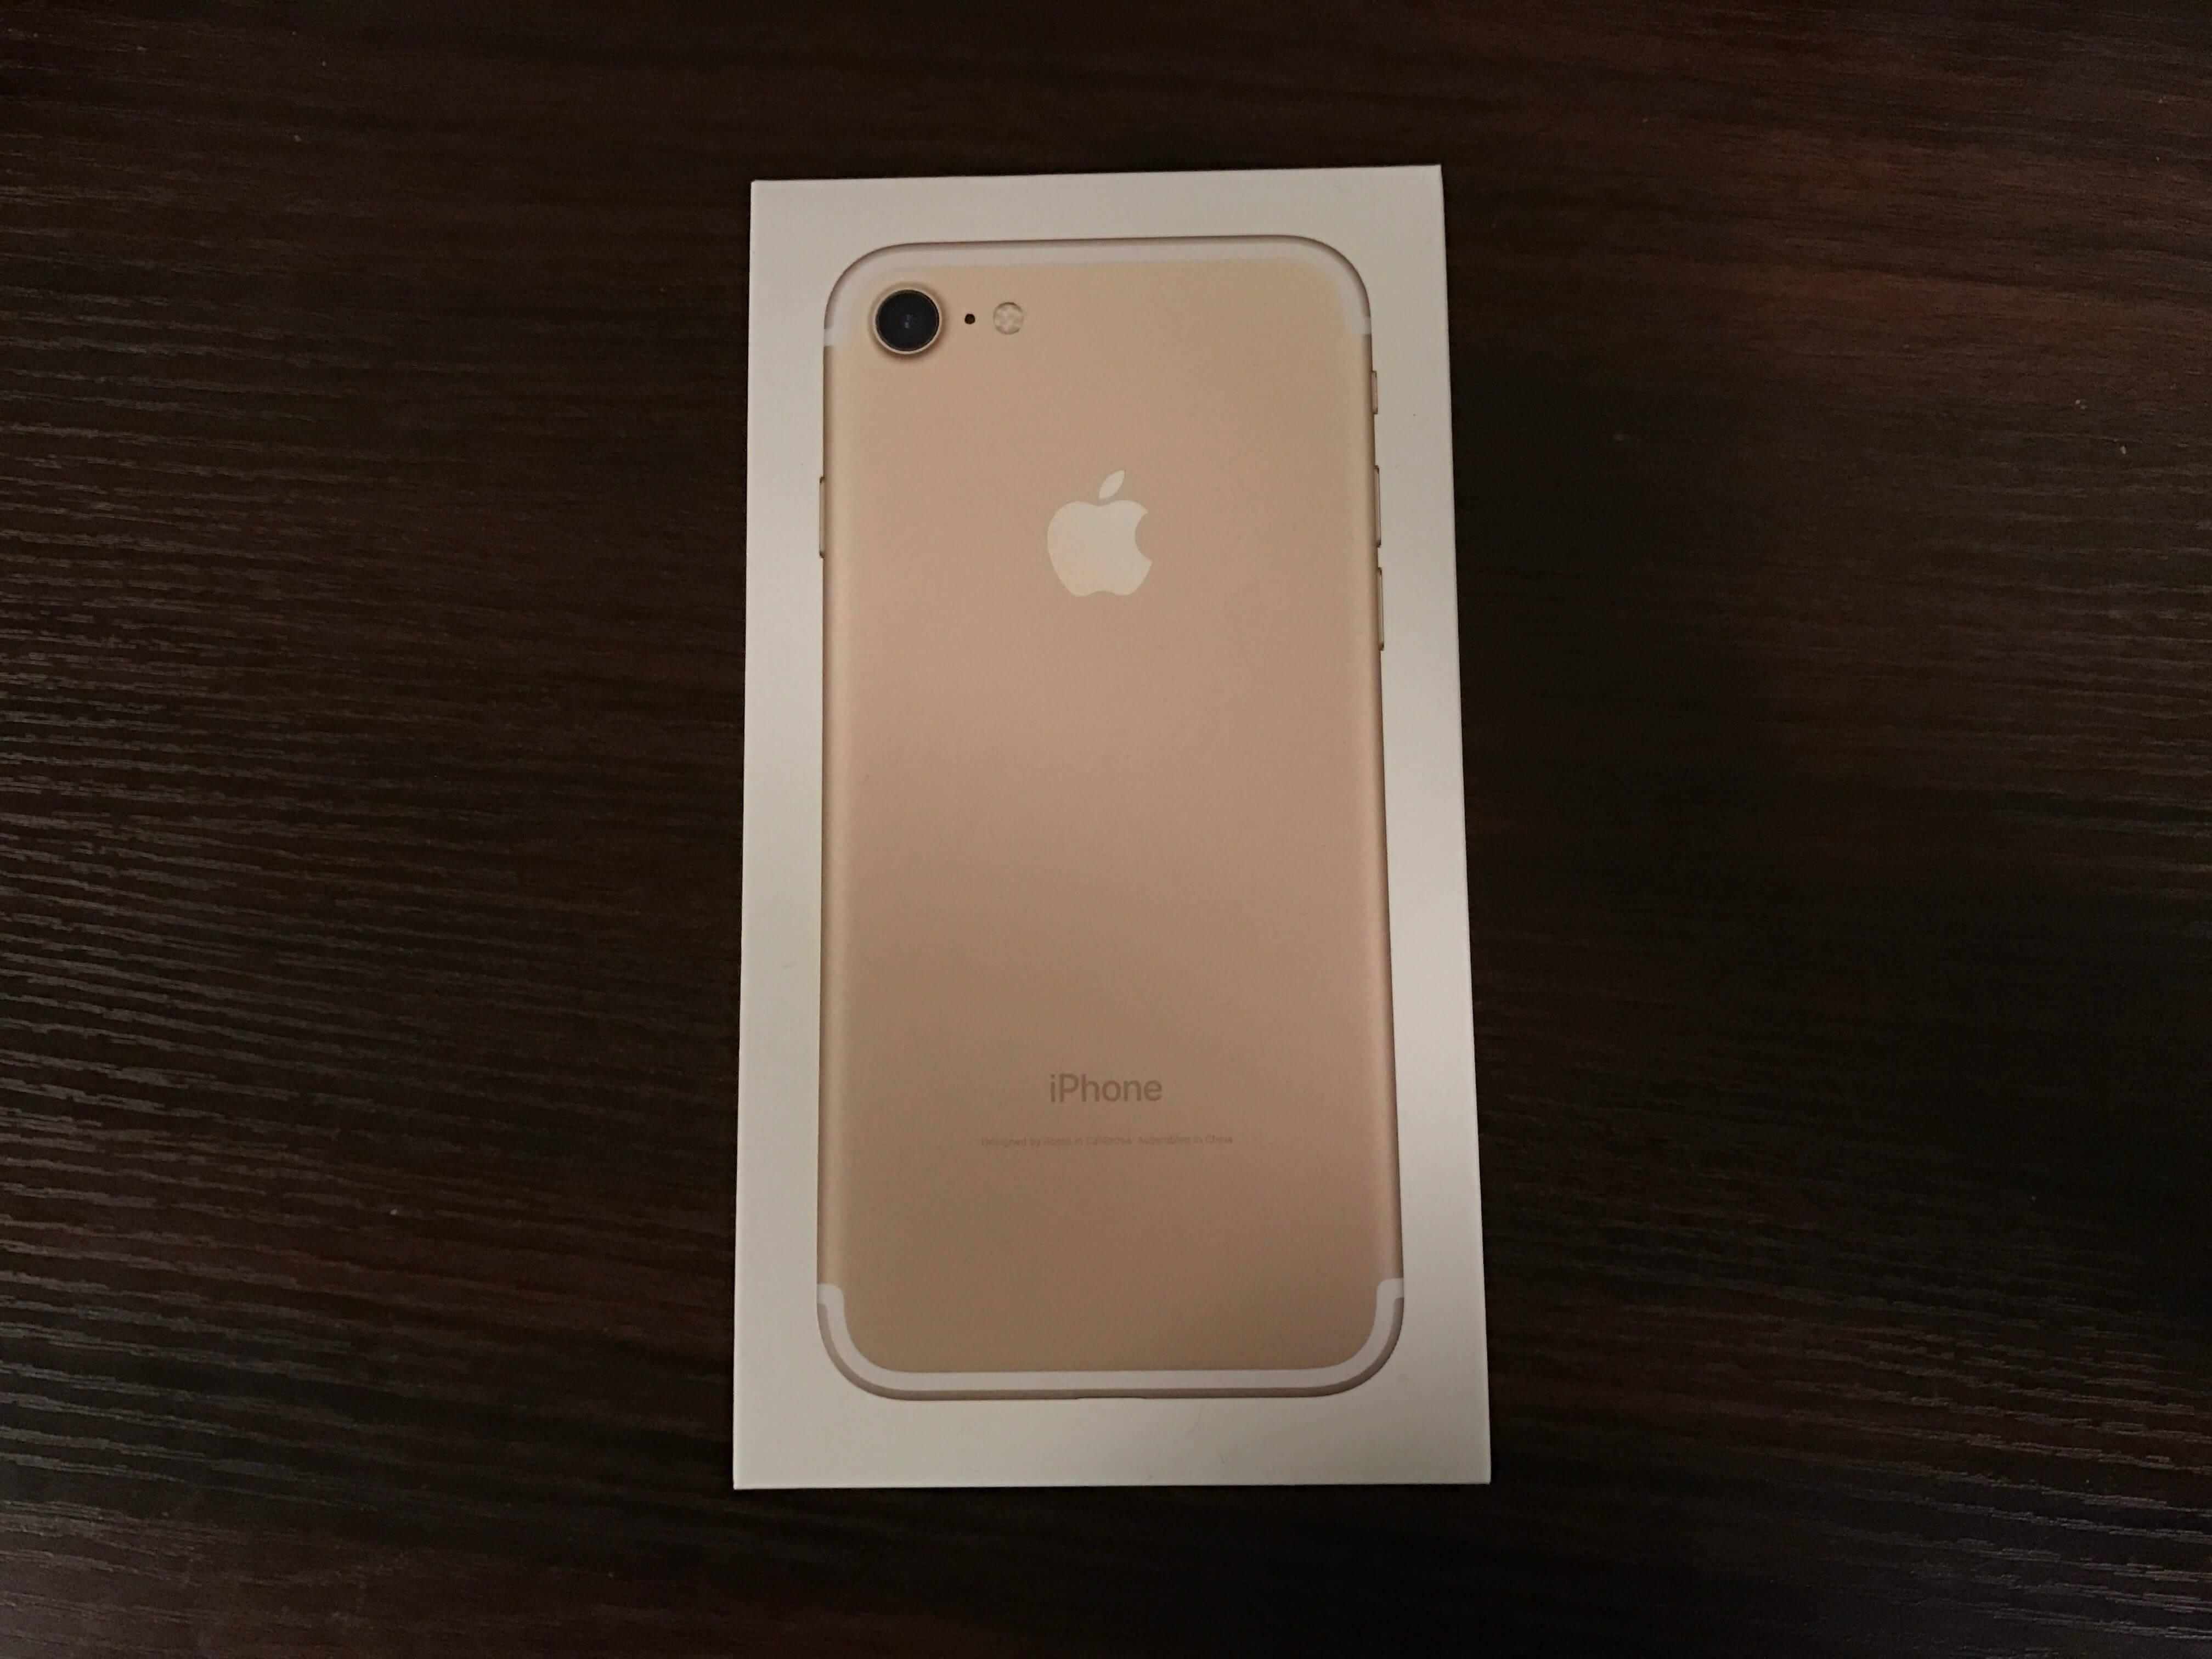 【レビュー】今話題の「iPhone 7」のファーストインプレッション-イヤホンジャックアダプタに不満